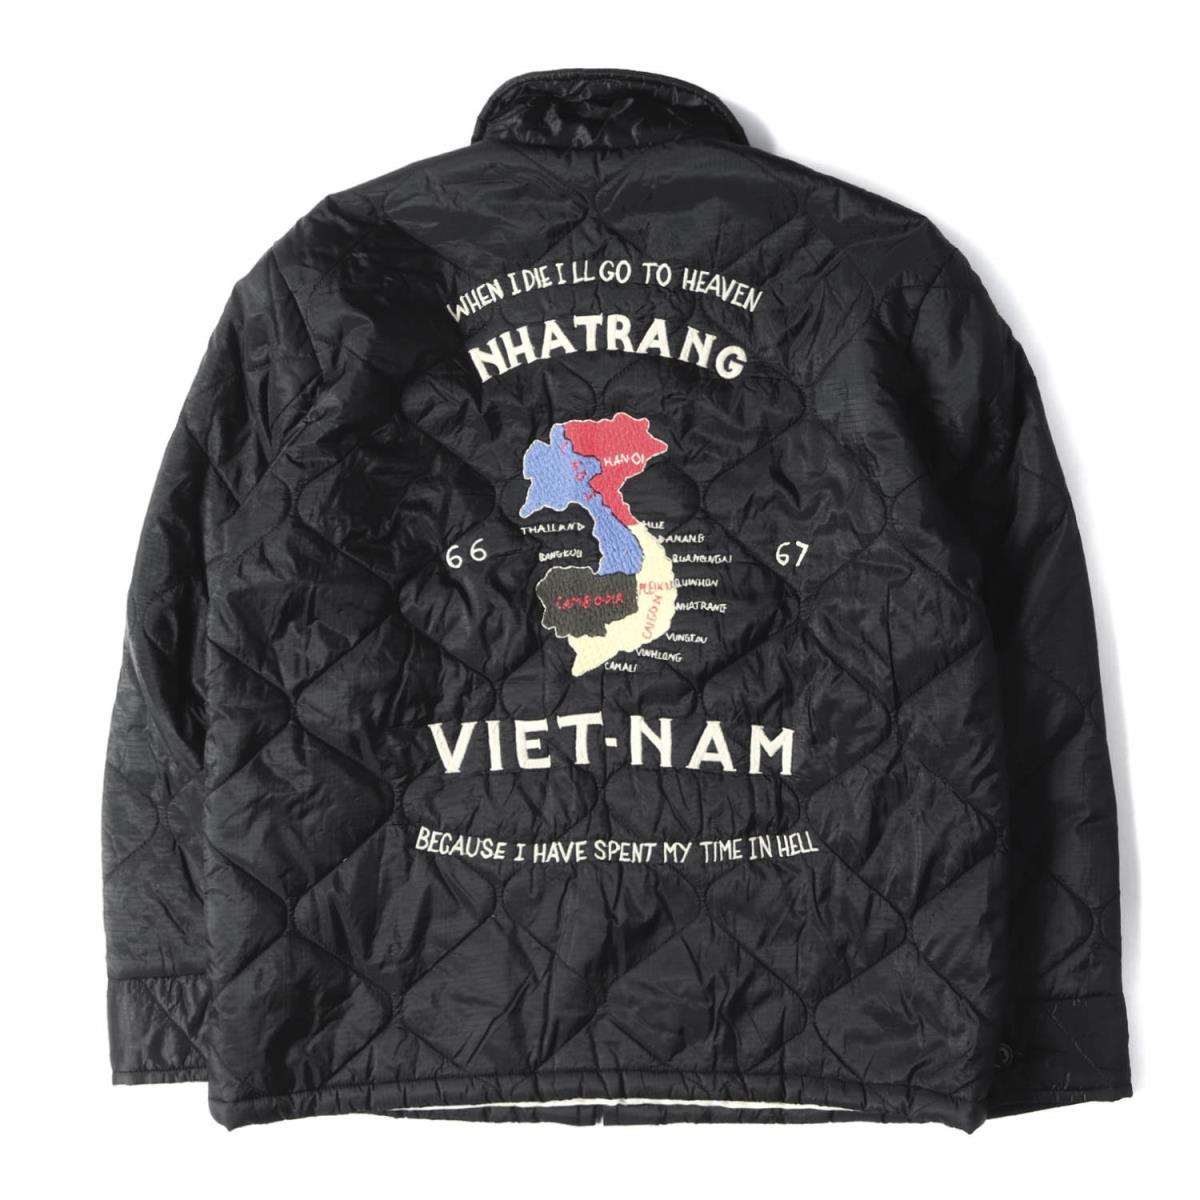 Tailor TOYO テーラー東洋 ジャケット BEAMS 別注 ベトナムマップ スーベニアジャケット ベトジャン ブラック LメンズK2573DHI29E